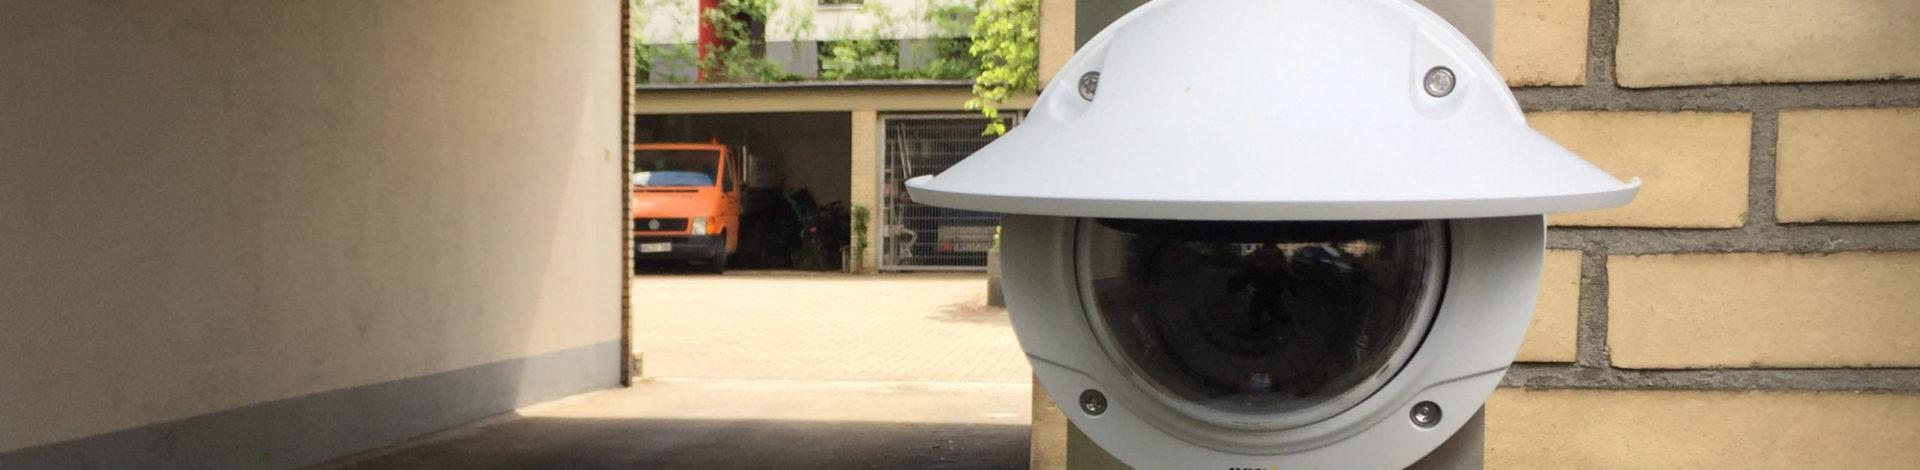 Kamera zur Kennzeichenerkennung an einer Toreinfahrt